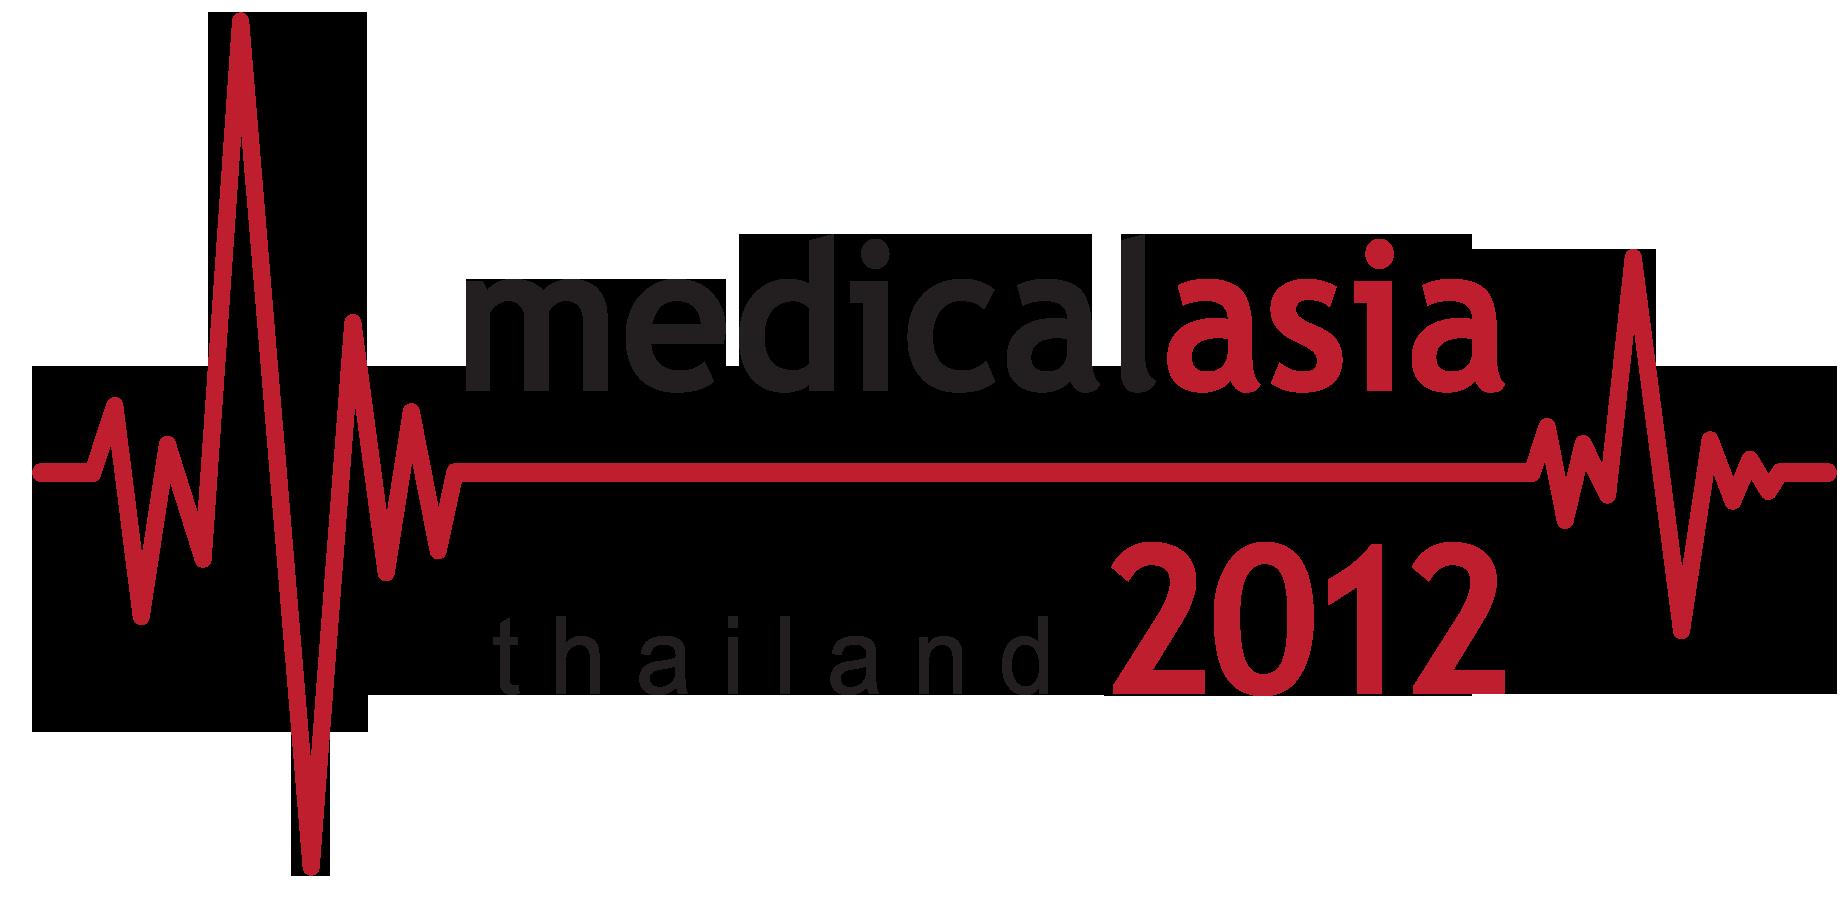 medical logo png #883